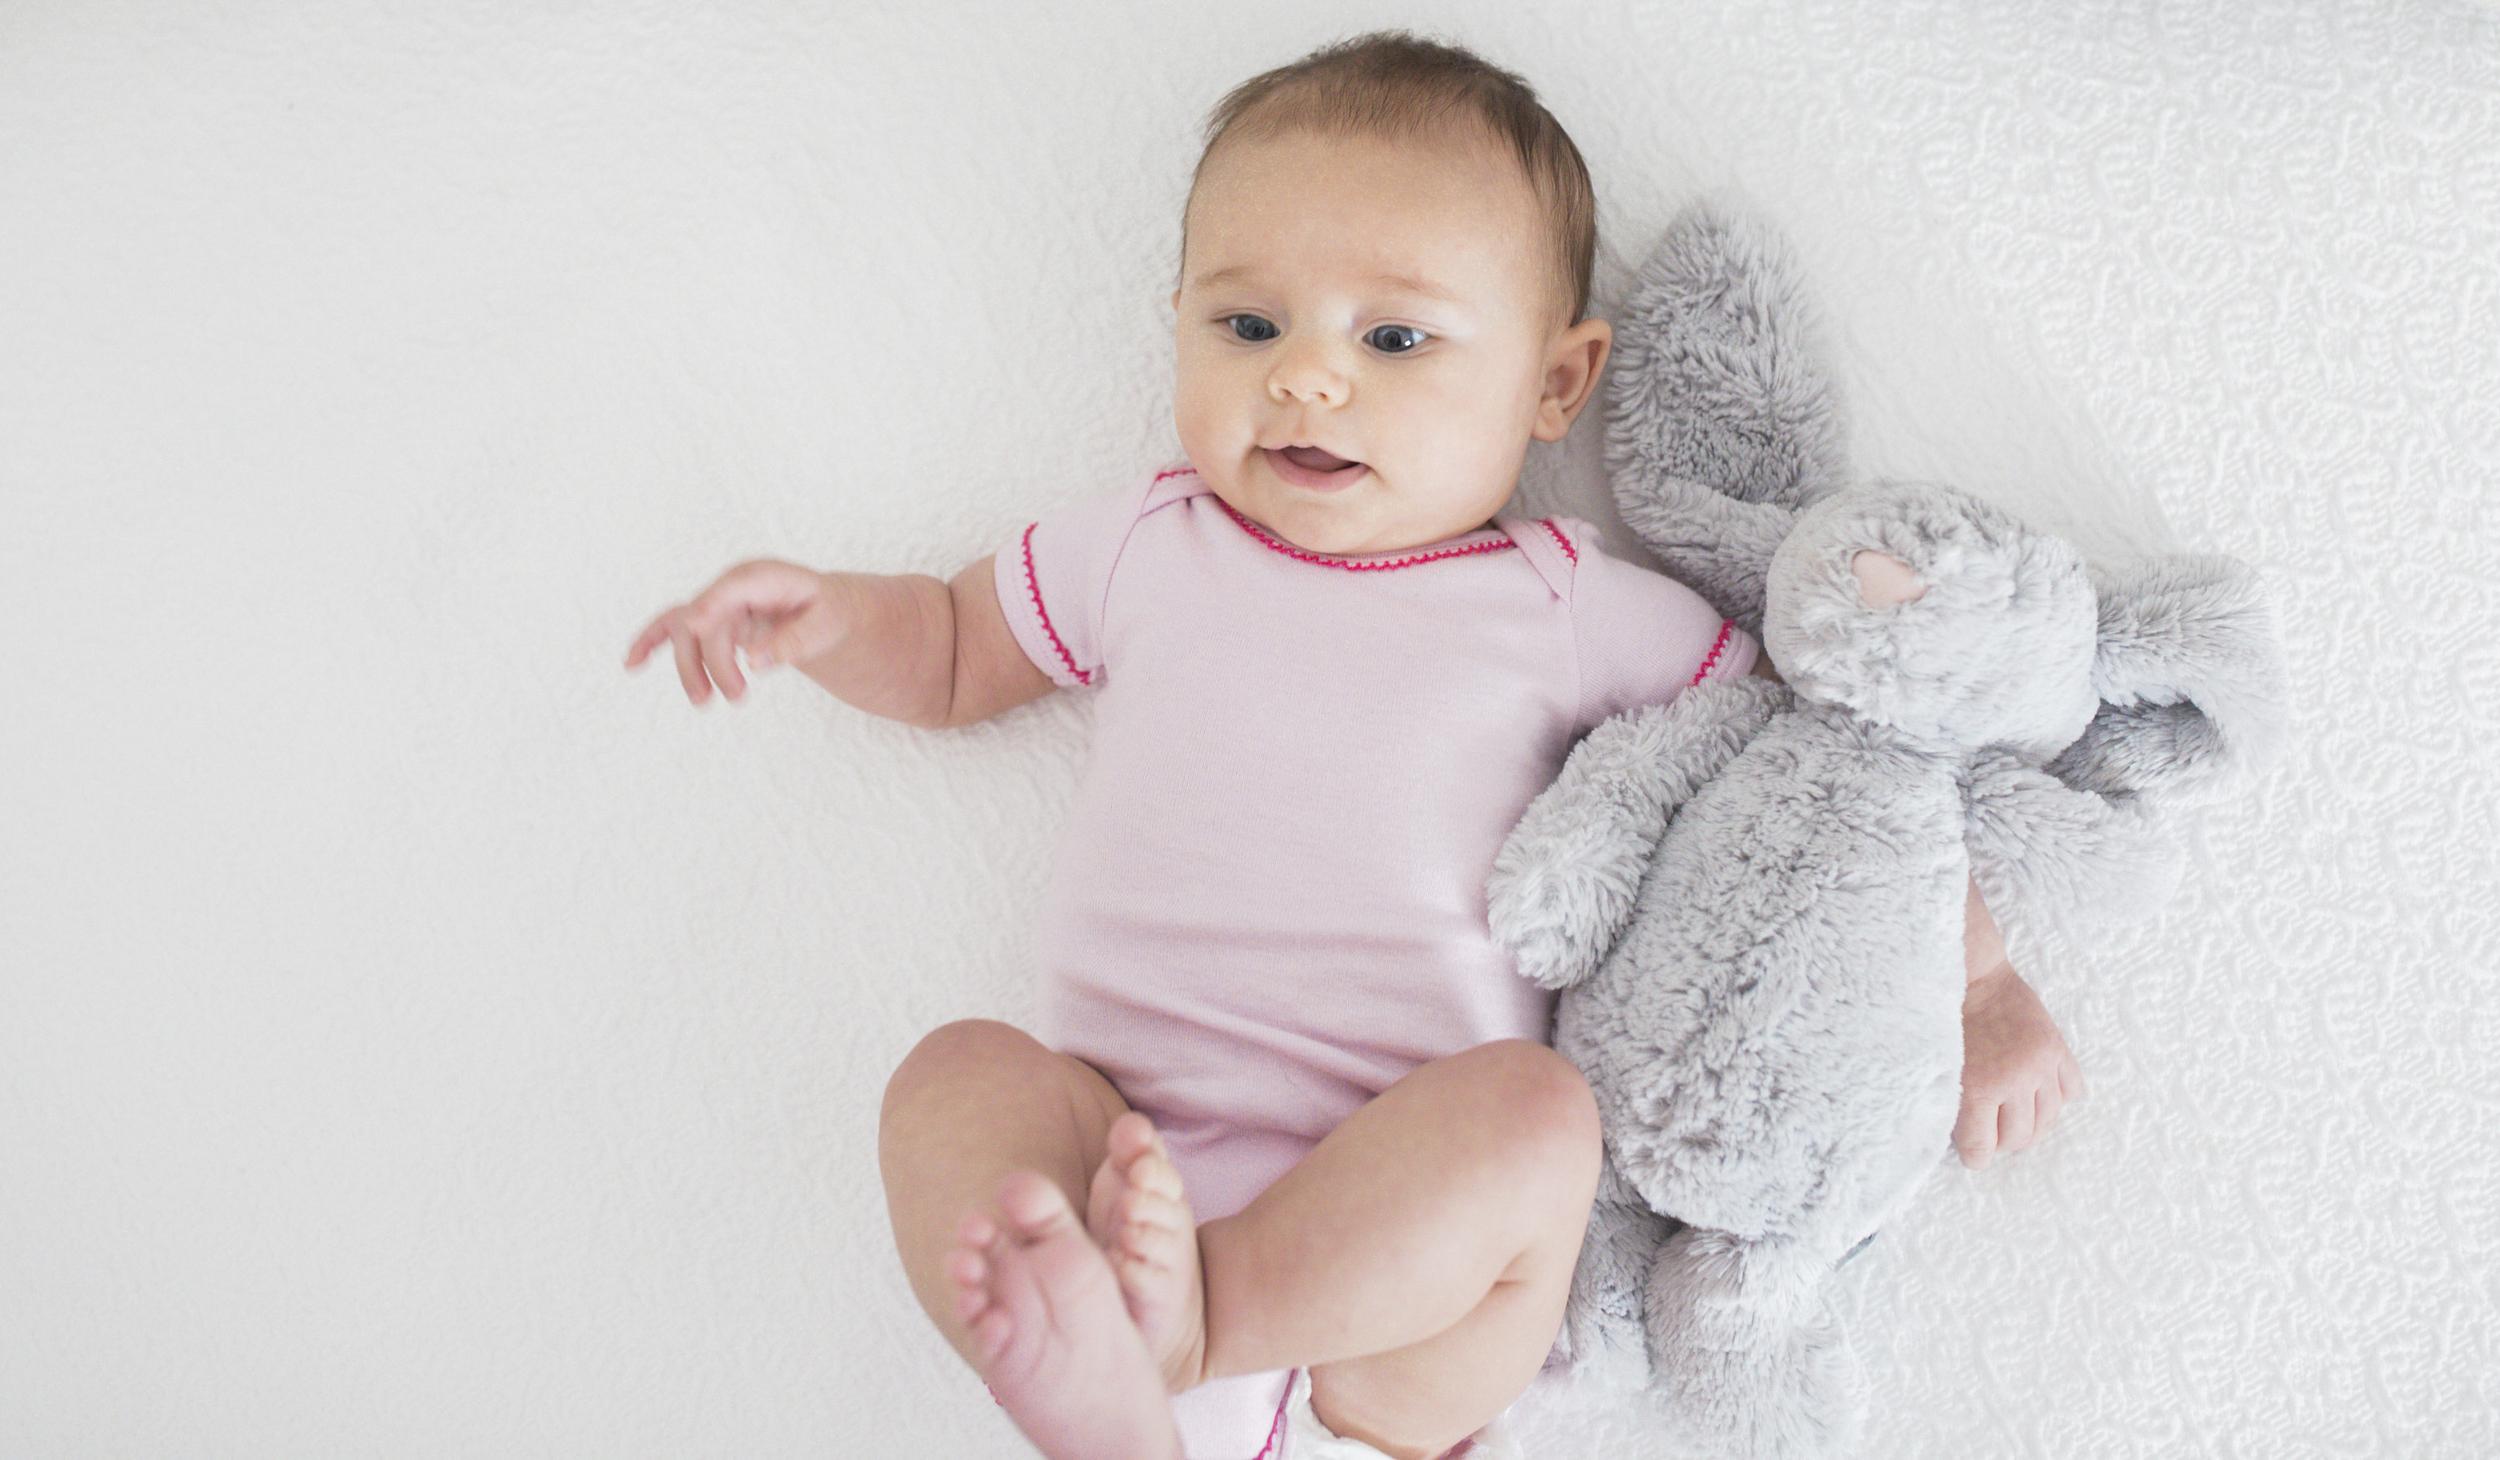 Ceci_Johnson_Welcome_Baby_Elle_Hazel_Johnson_kid_Ana_Schechter_newborn_photography_8.jpg